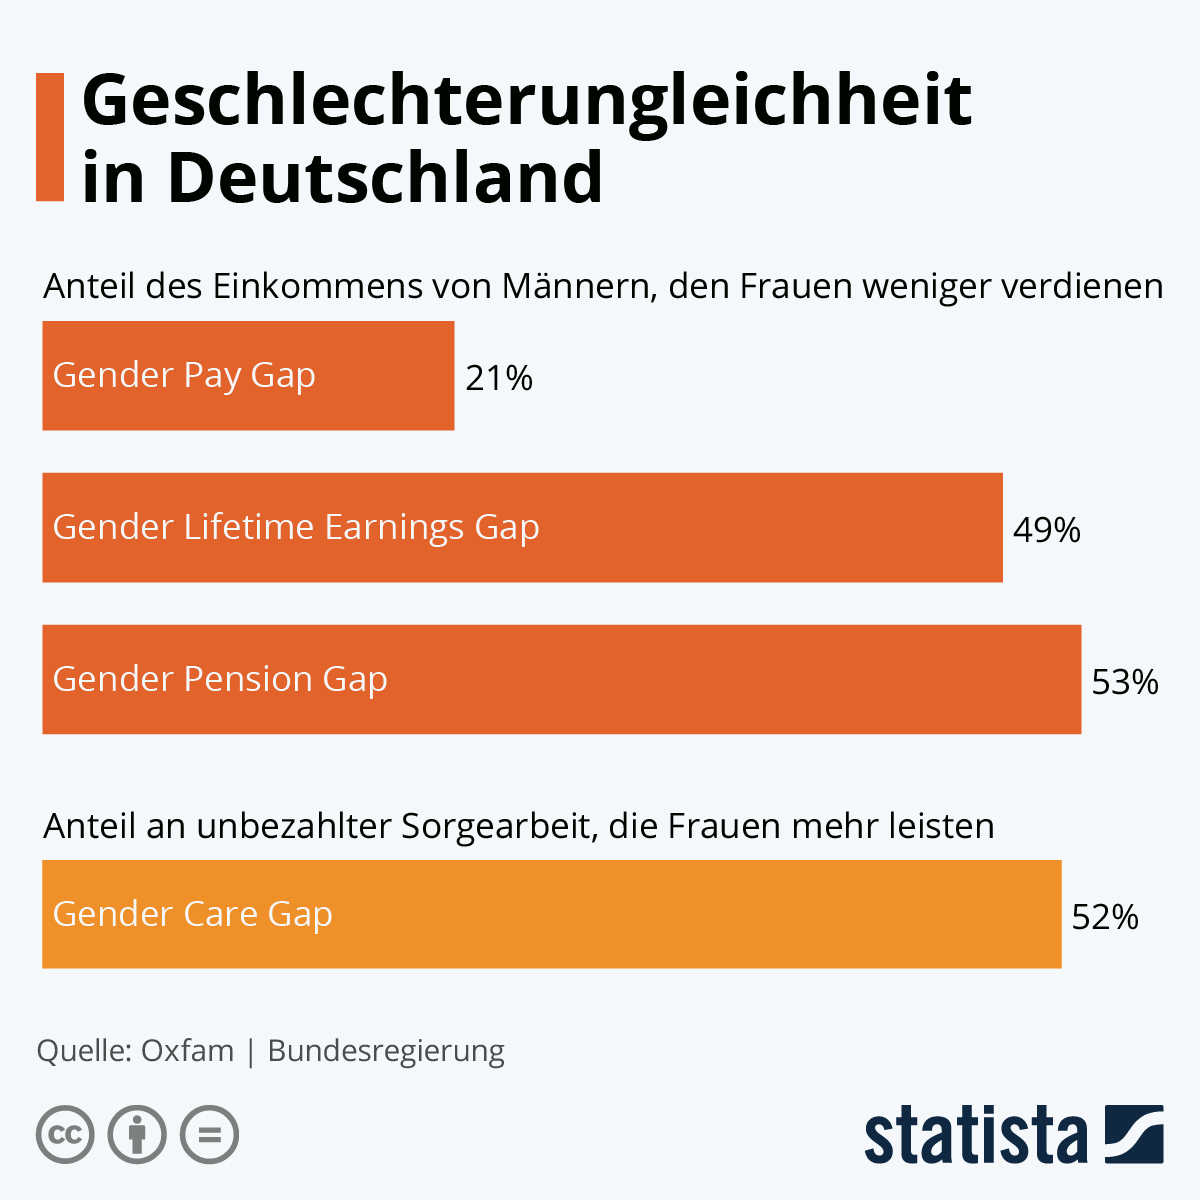 Geschlechterungleichheit in Deutschland | Statista